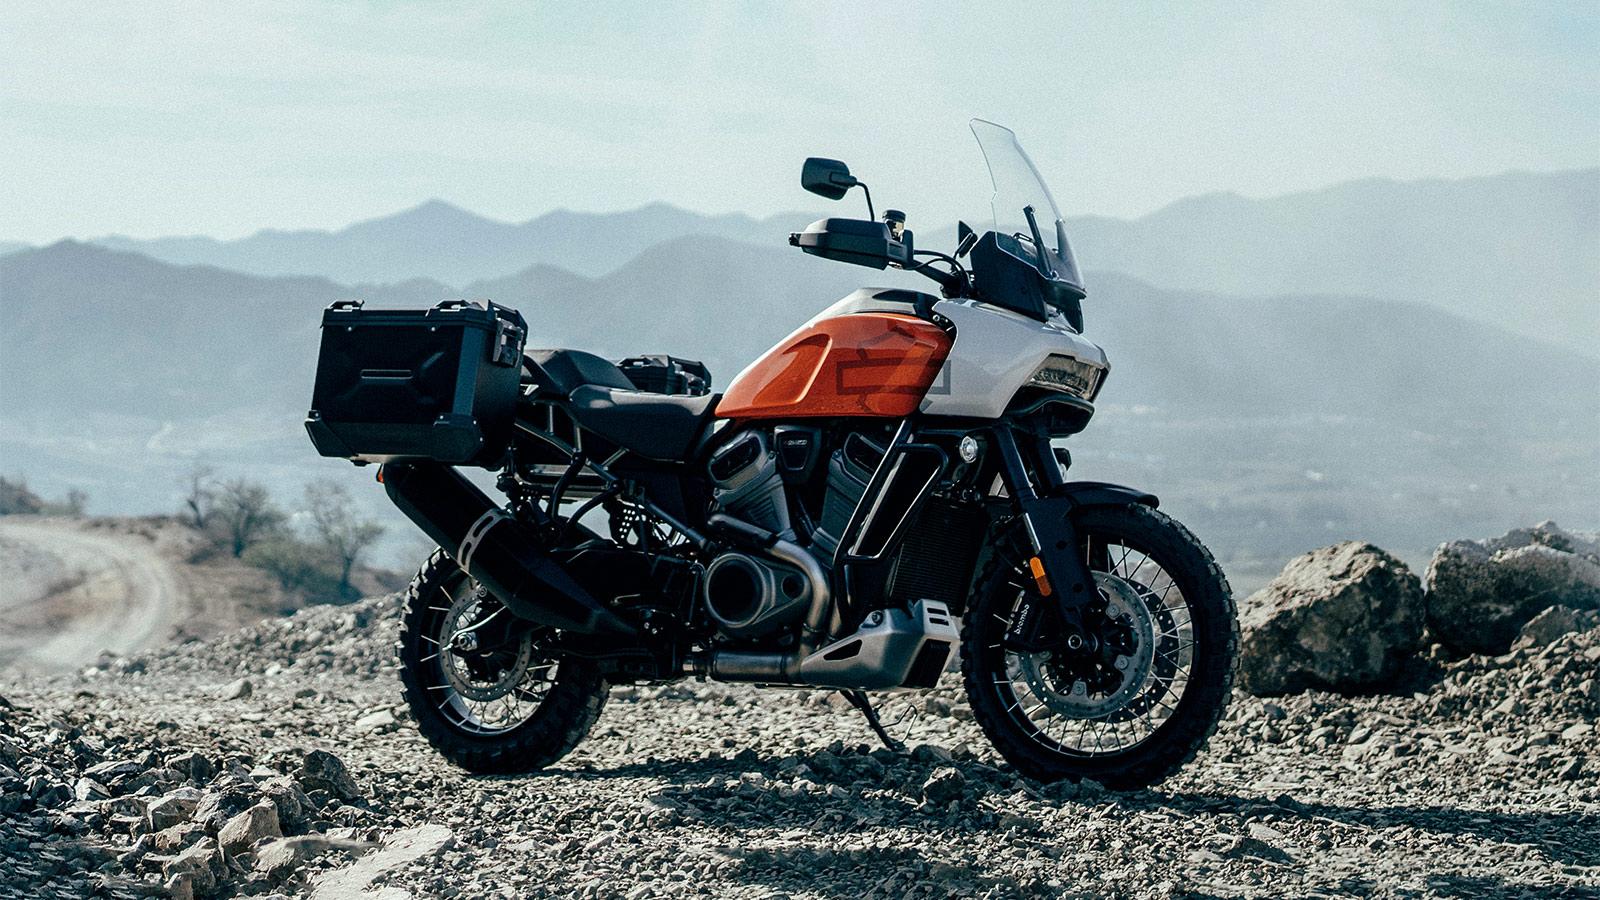 Harley-Davidson x Pan America Adventure Touring Motorcycle